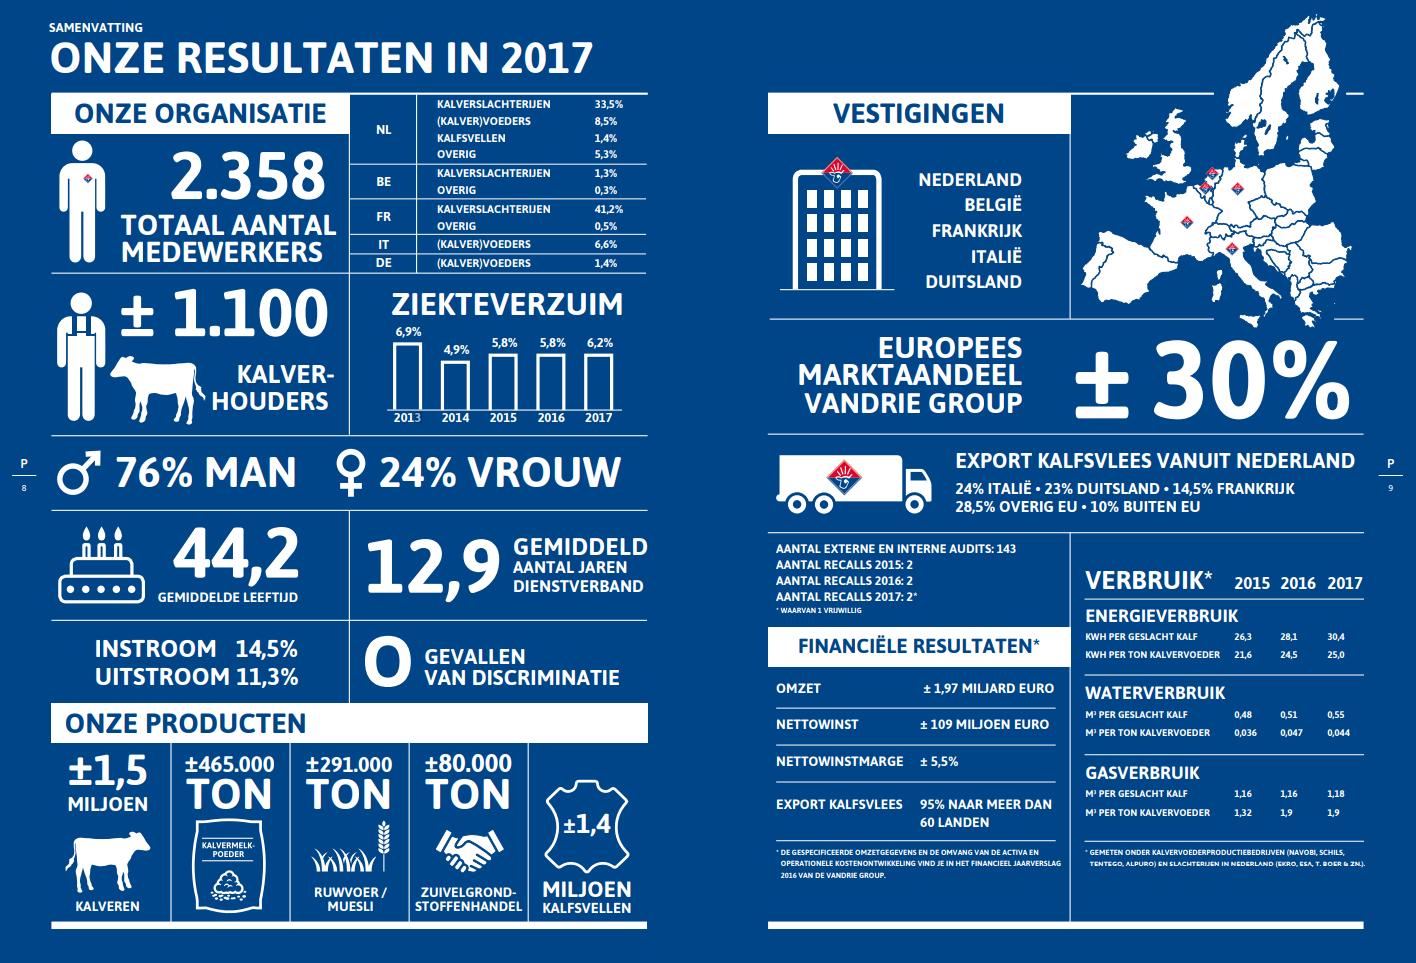 Infographic VanDrie